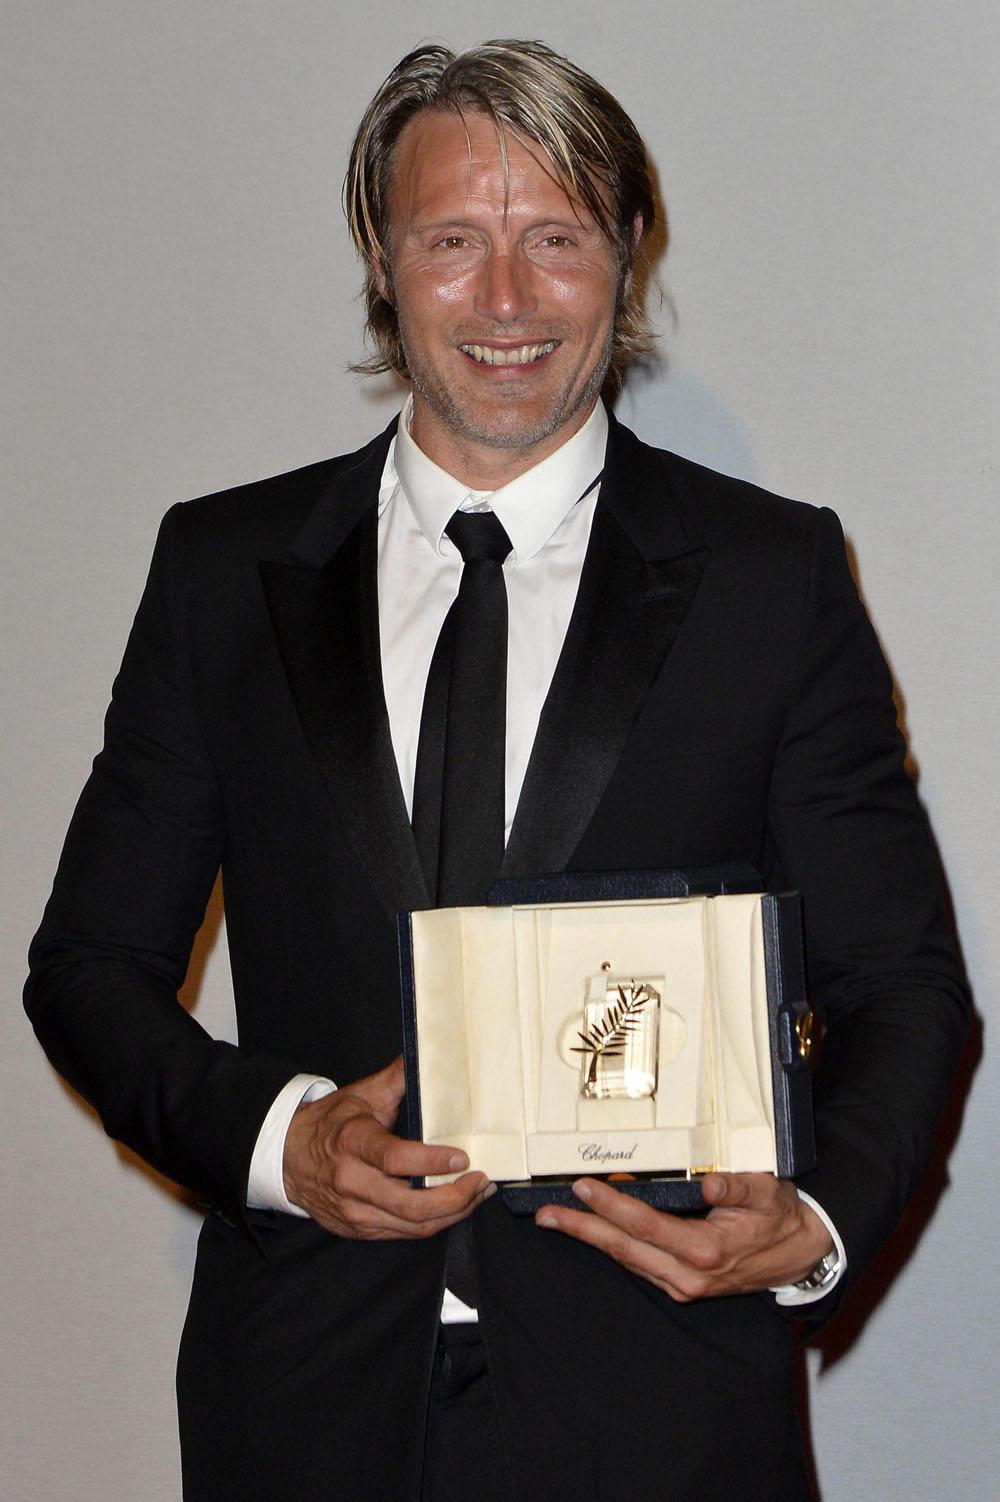 In foto Mads Mikkelsen (56 anni) Dall'articolo: Cannes 65, a Garrone il Gran Premio della Giuria.